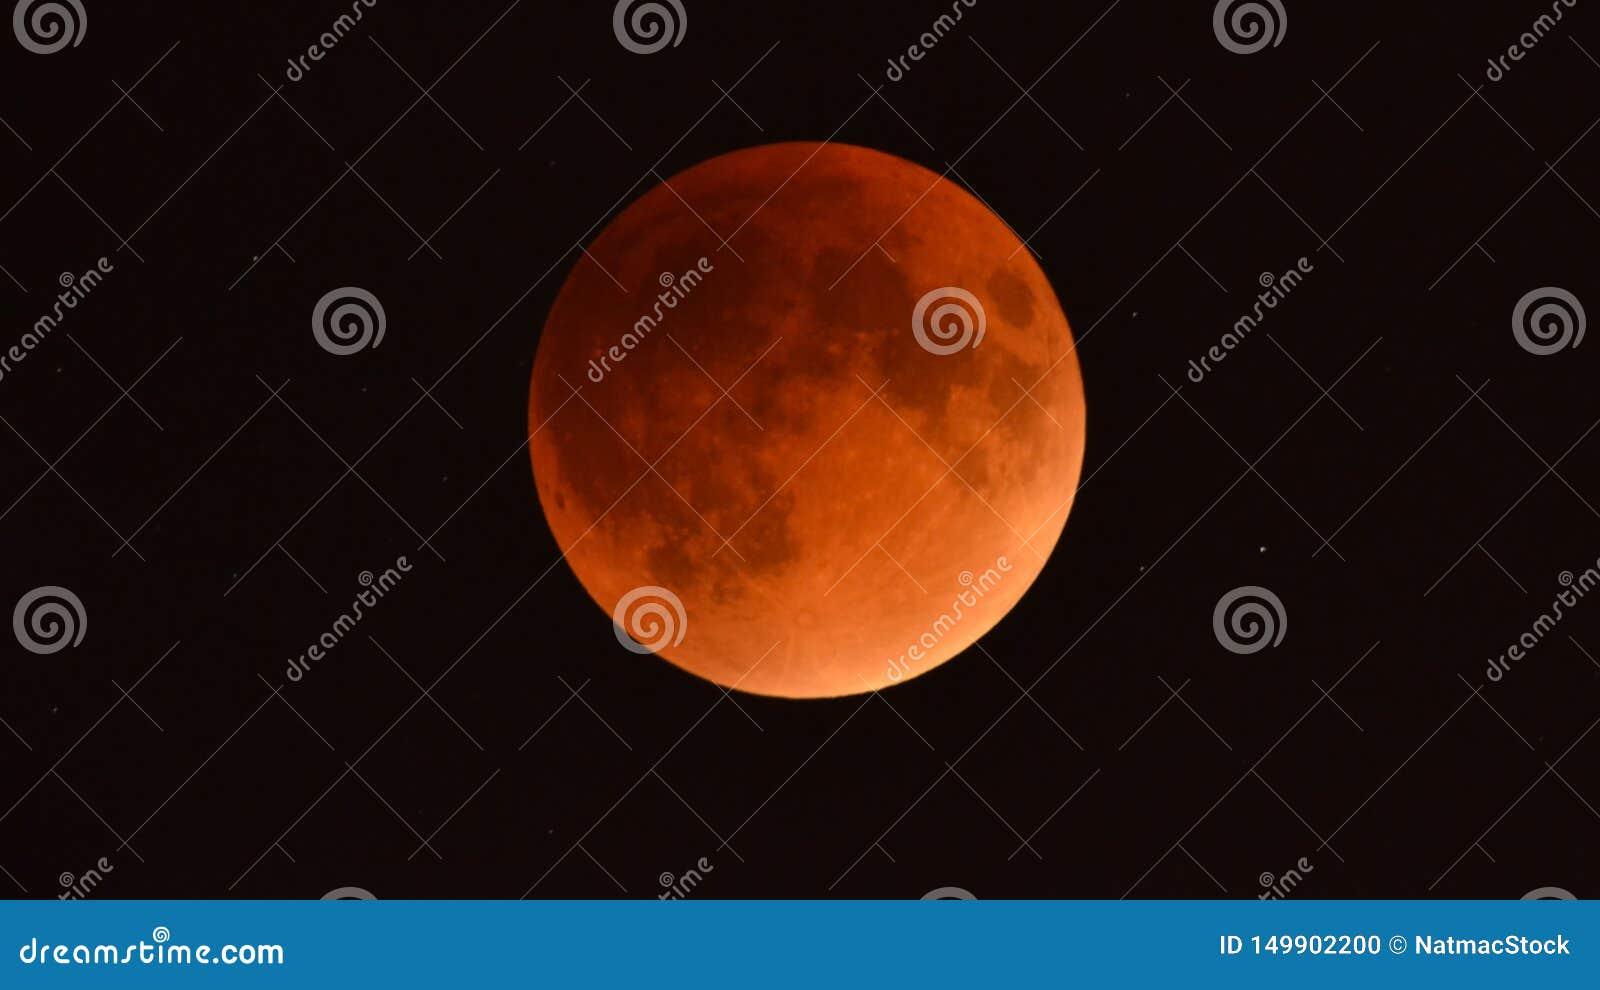 Лунное затмение сентября 2015 - супер луна крови - как увидено от Минесоты, США - 28-ое сентября